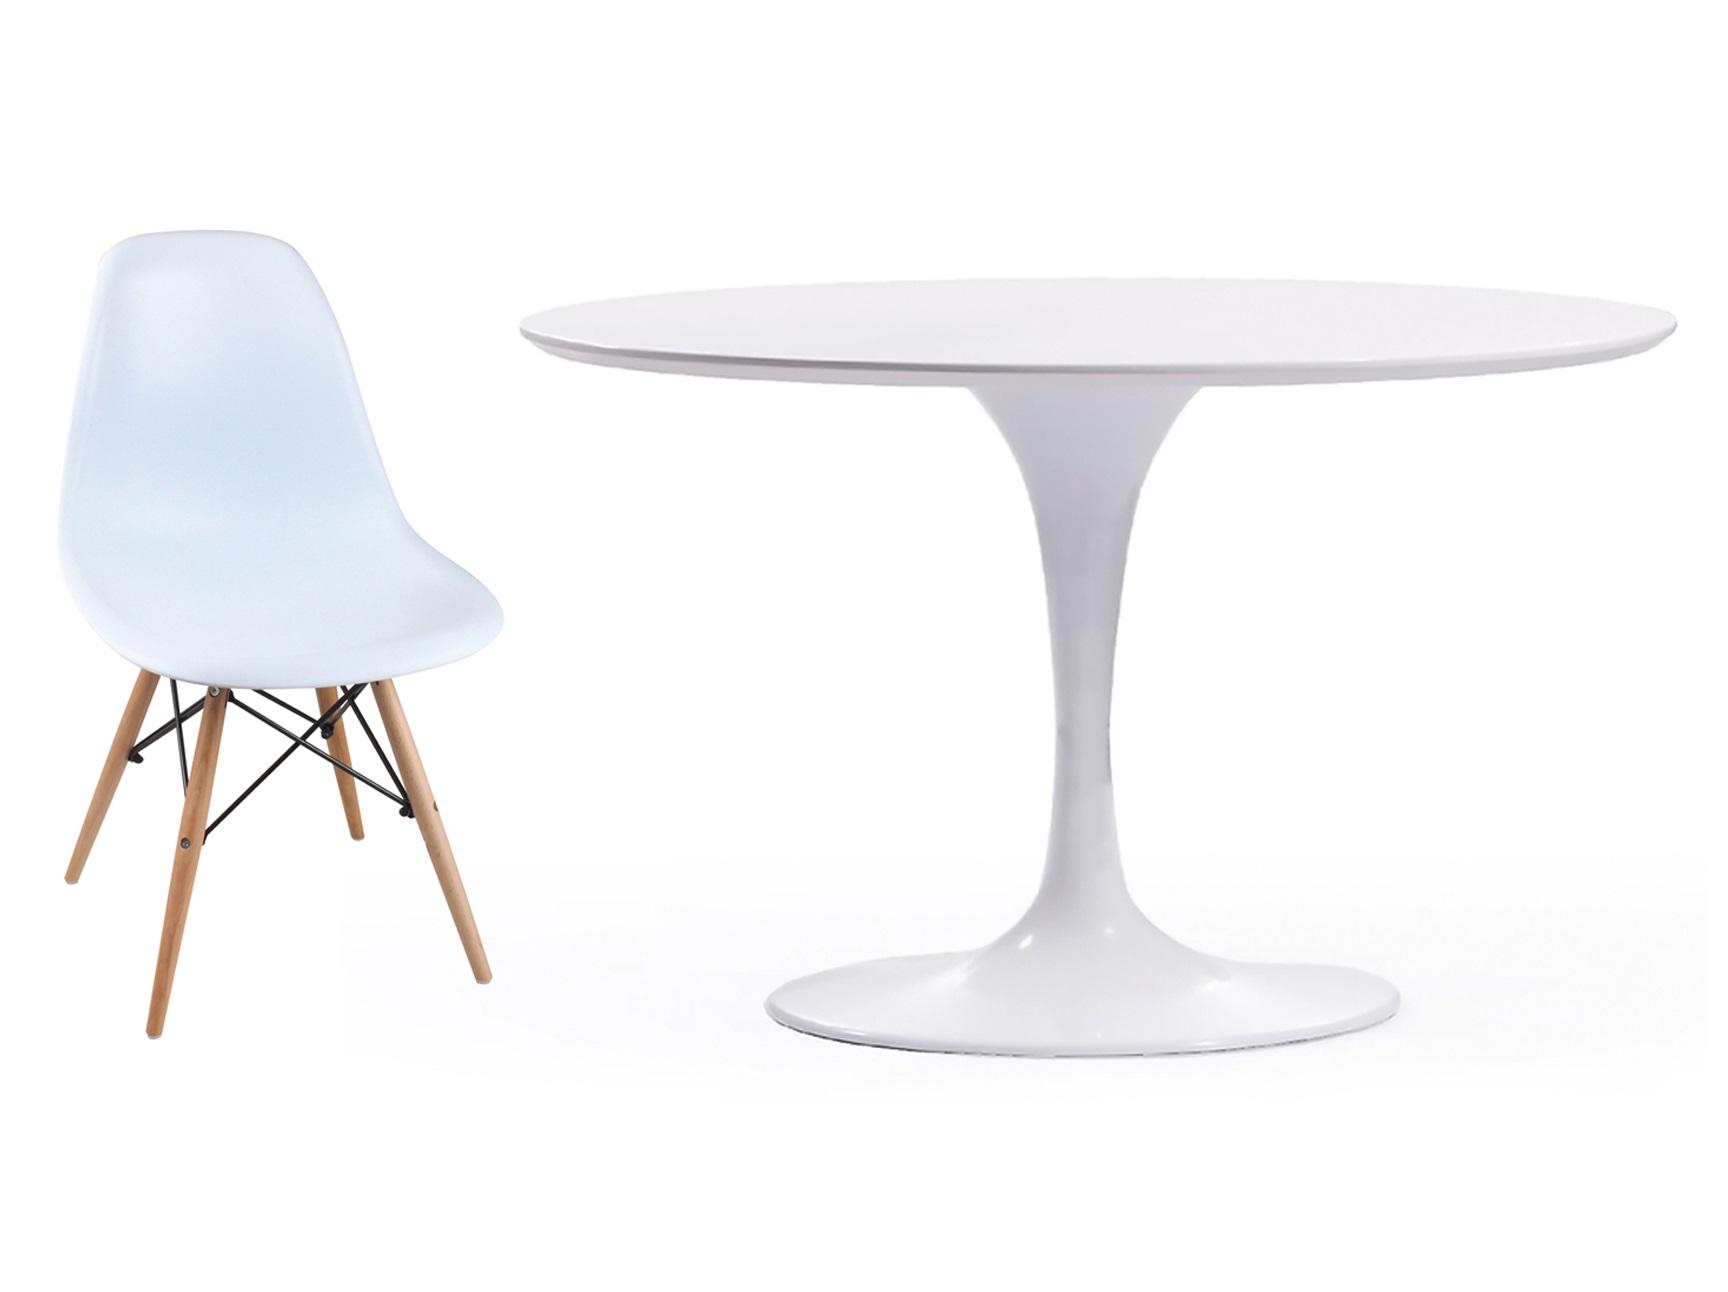 Обеденная группа Apriori T (стол + 4 стула)Комплекты для столовой<br>&amp;lt;div&amp;gt;Обеденный круглый стол с лаконичным основанием из акрилового камня и стулья Eames на деревянных ножках. Классика скандинавского дизайна!&amp;lt;/div&amp;gt;&amp;lt;div&amp;gt;&amp;lt;br&amp;gt;&amp;lt;/div&amp;gt;&amp;lt;div&amp;gt;Размеры стола: 105/77 см&amp;lt;/div&amp;gt;&amp;lt;div&amp;gt;&amp;lt;span style=&amp;quot;font-size: 14px;&amp;quot;&amp;gt;Материал стола: акриловый камень&amp;amp;nbsp;&amp;lt;/span&amp;gt;&amp;lt;br&amp;gt;&amp;lt;/div&amp;gt;&amp;lt;div&amp;gt;Размеры стула: 44/46/80 см&amp;lt;/div&amp;gt;&amp;lt;div&amp;gt;Материал стула: пластик&amp;lt;/div&amp;gt;<br><br>Material: Дерево